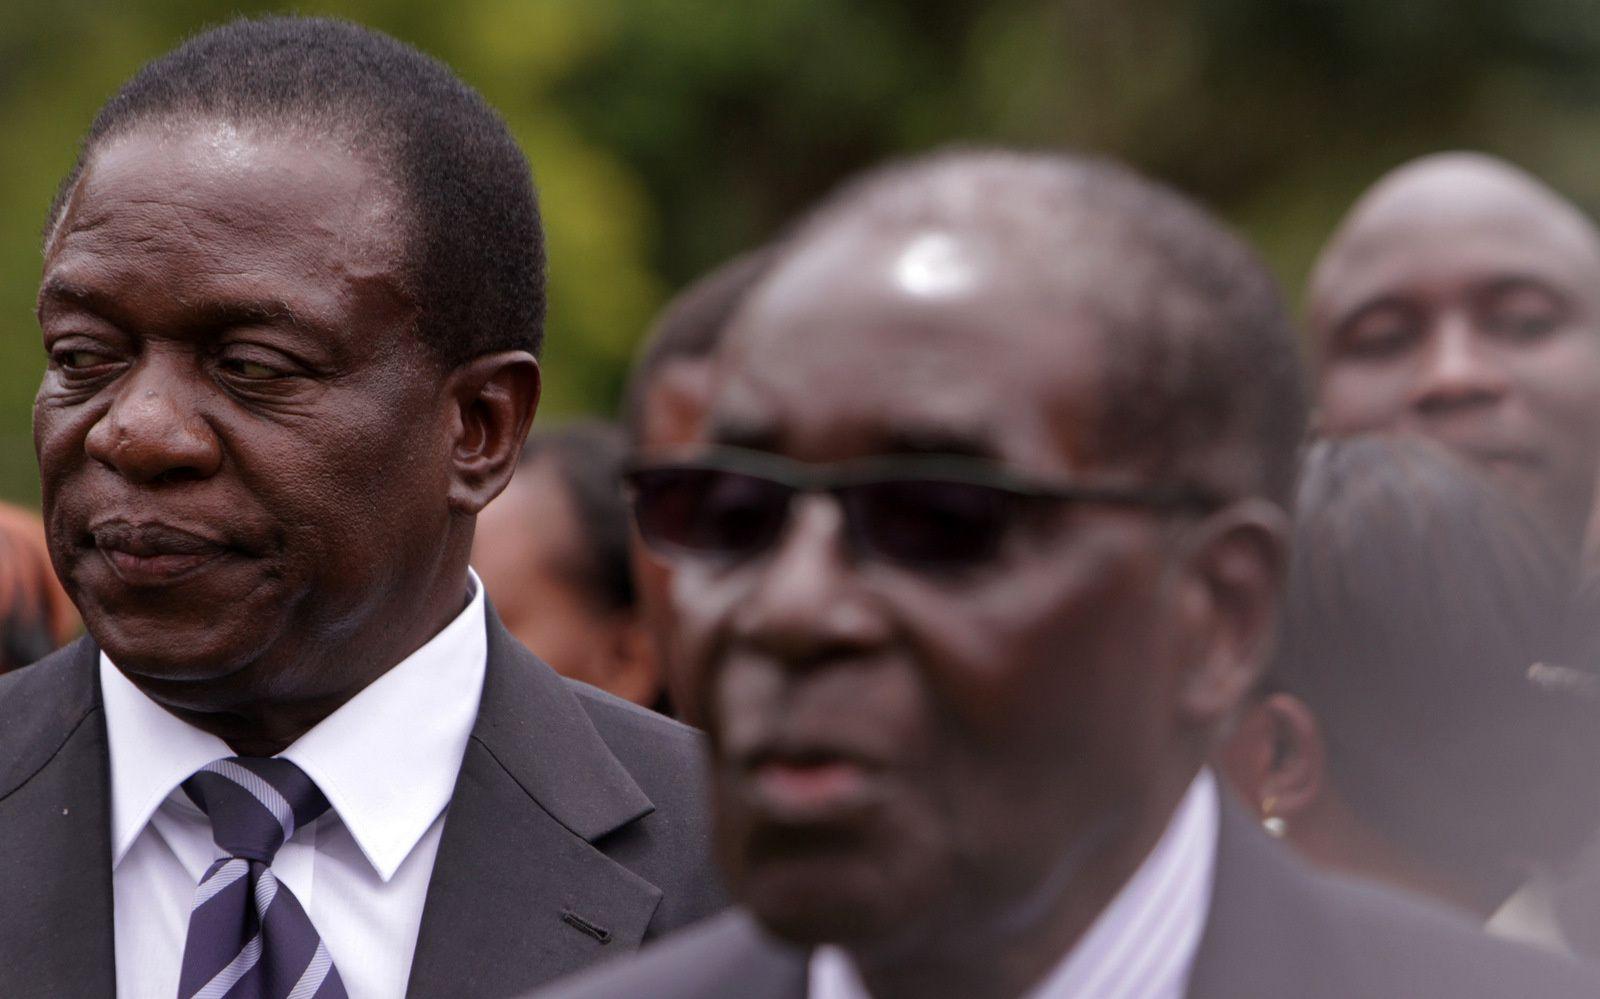 Emmerson Mnangagwa, à gauche, le vice-président du Zimbabwe se tient aux côtés du président zimbabwéen Robert Mugabe après la cérémonie d'assermentation à la Maison de l'État à Harare, le 12 décembre 2014. (AP/Tsvangirayi Mukwazhi)